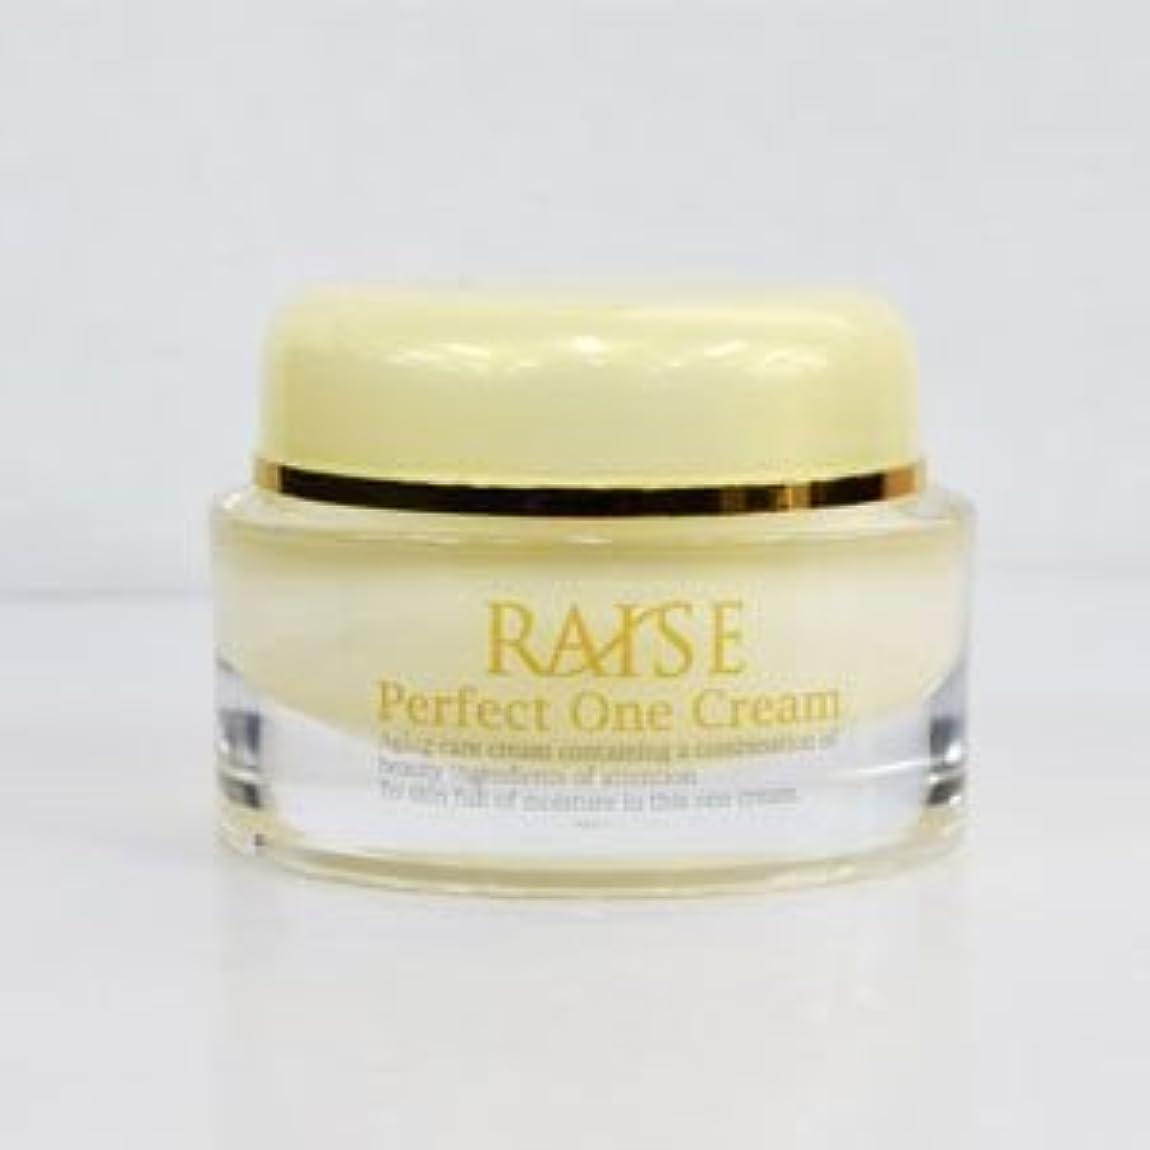 世代滑りやすい先史時代のRAISE (レイズ) Perfect One Cream パーフェクトワンクリーム 活性型FGF 活性型EGF 馬プラセンタ コラーゲン オールインワン クリーム 50g